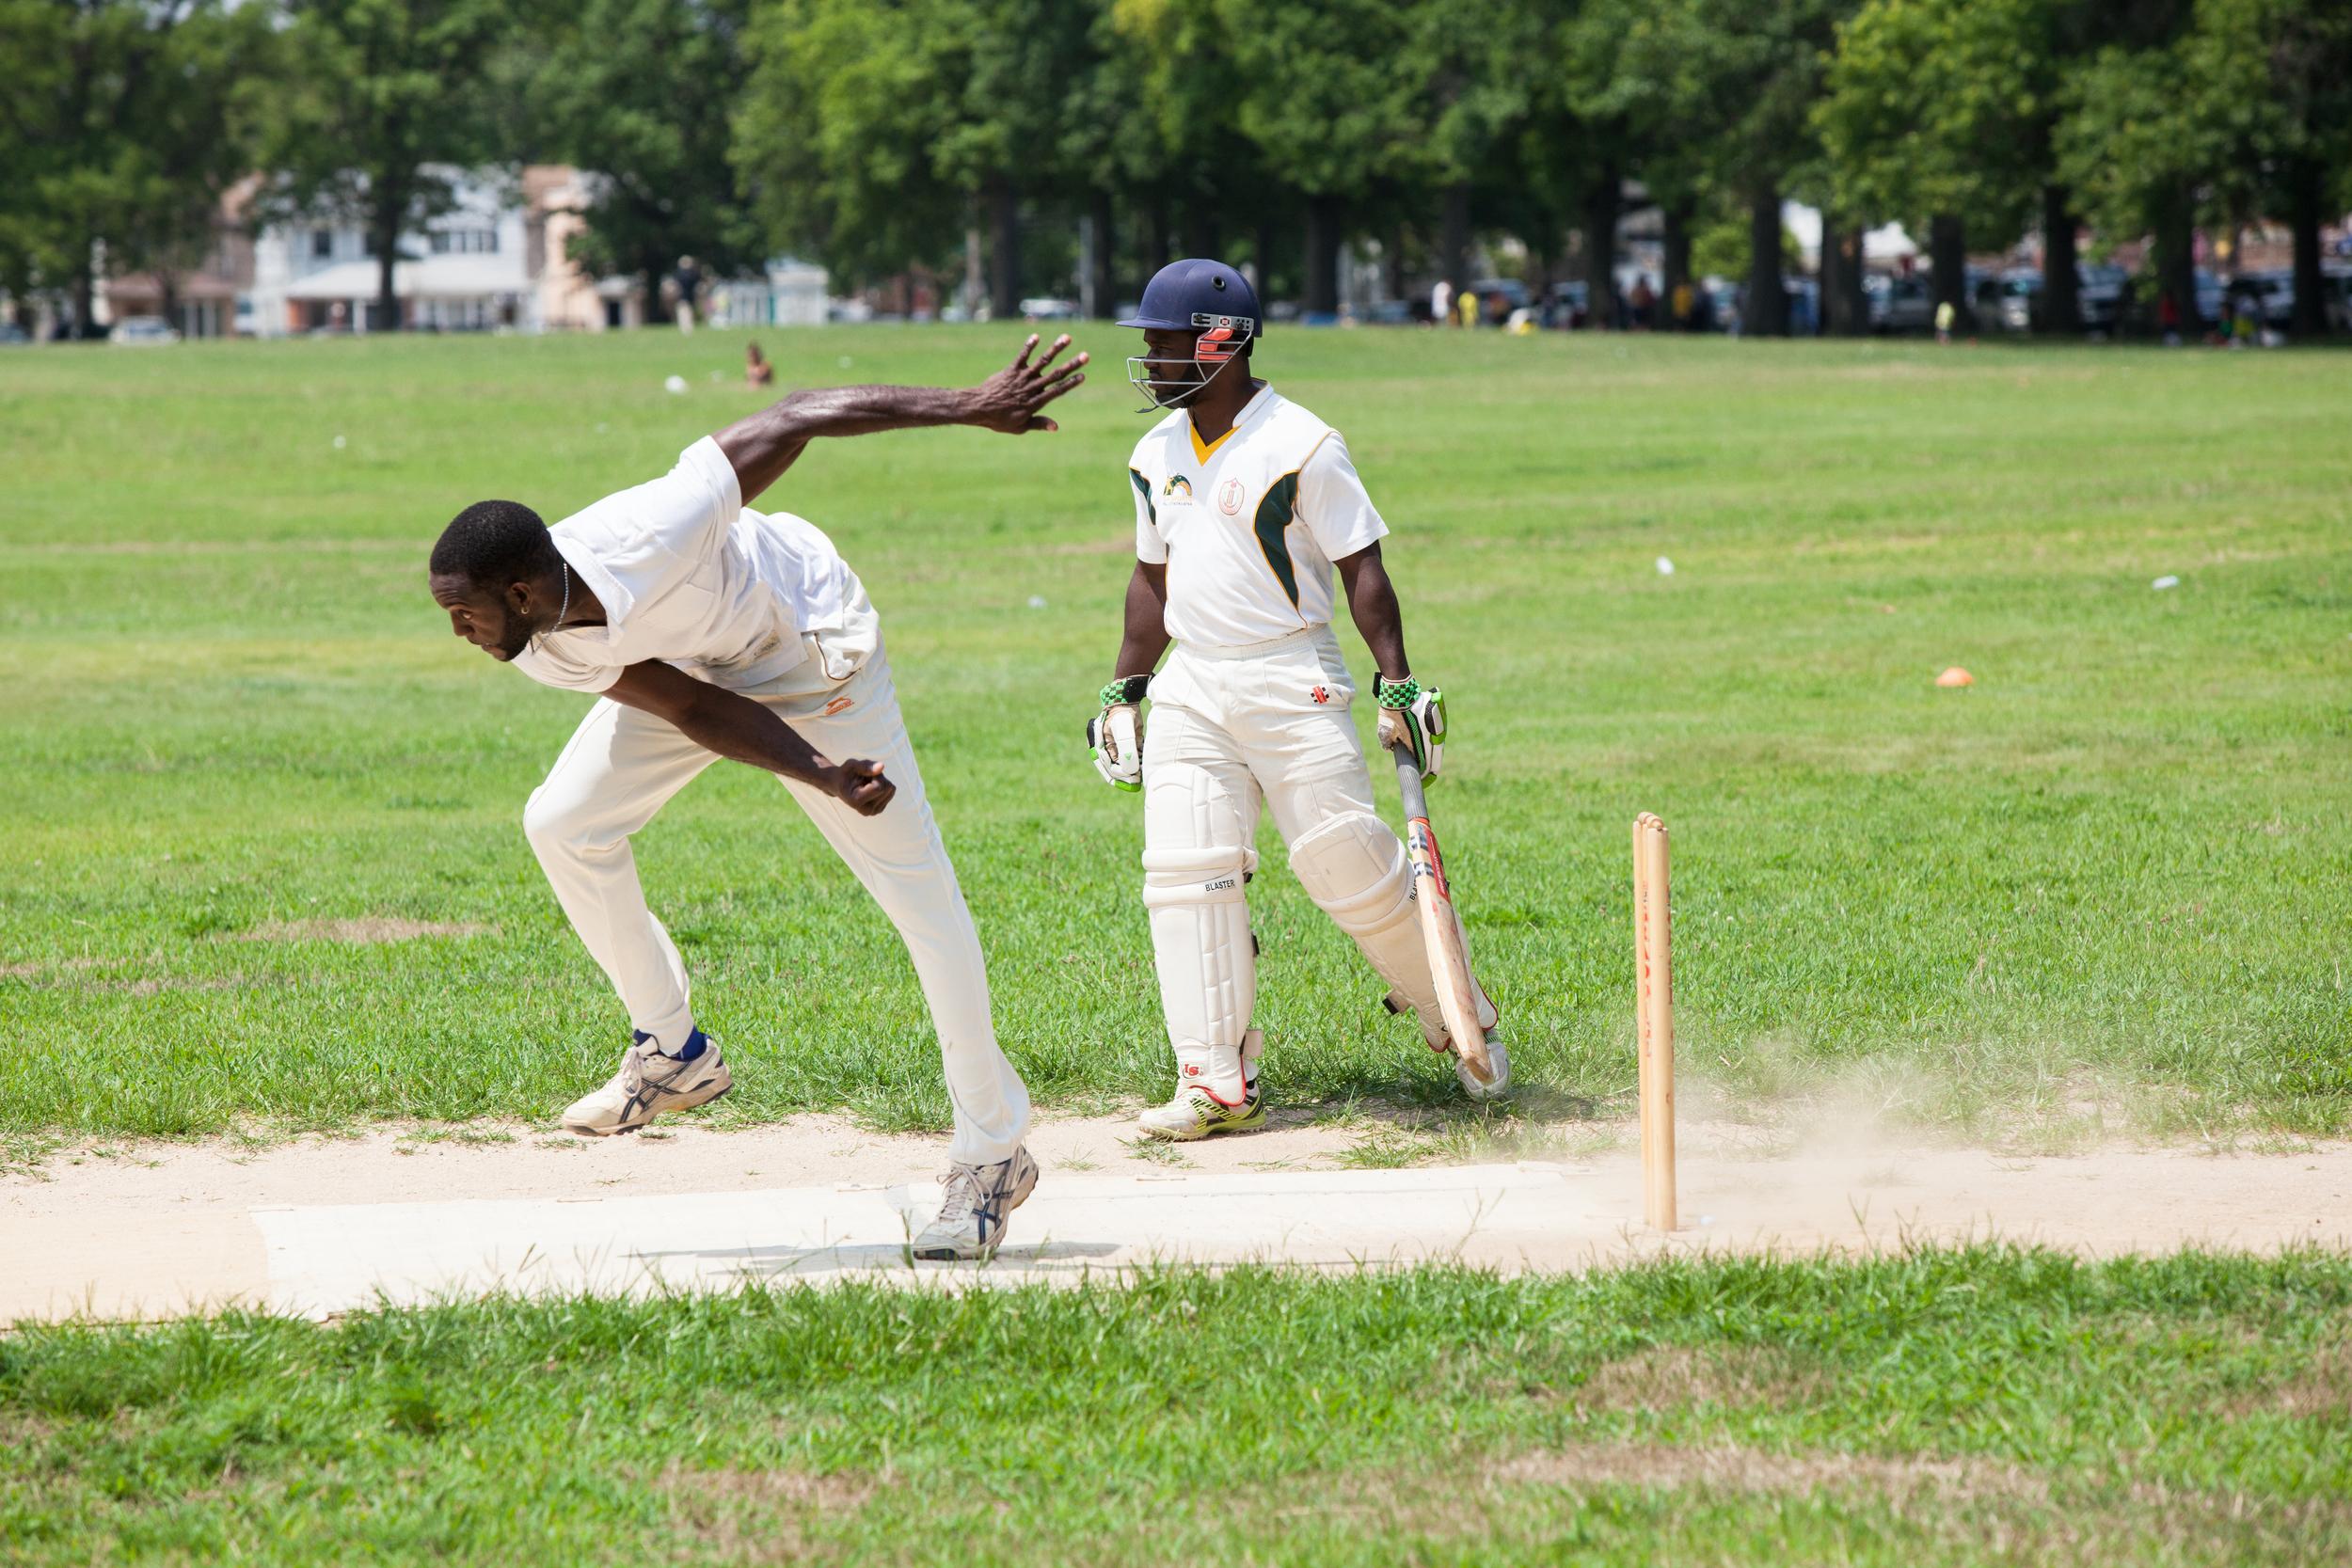 BKLYNR-Cricket-JasonBergman-021.jpg